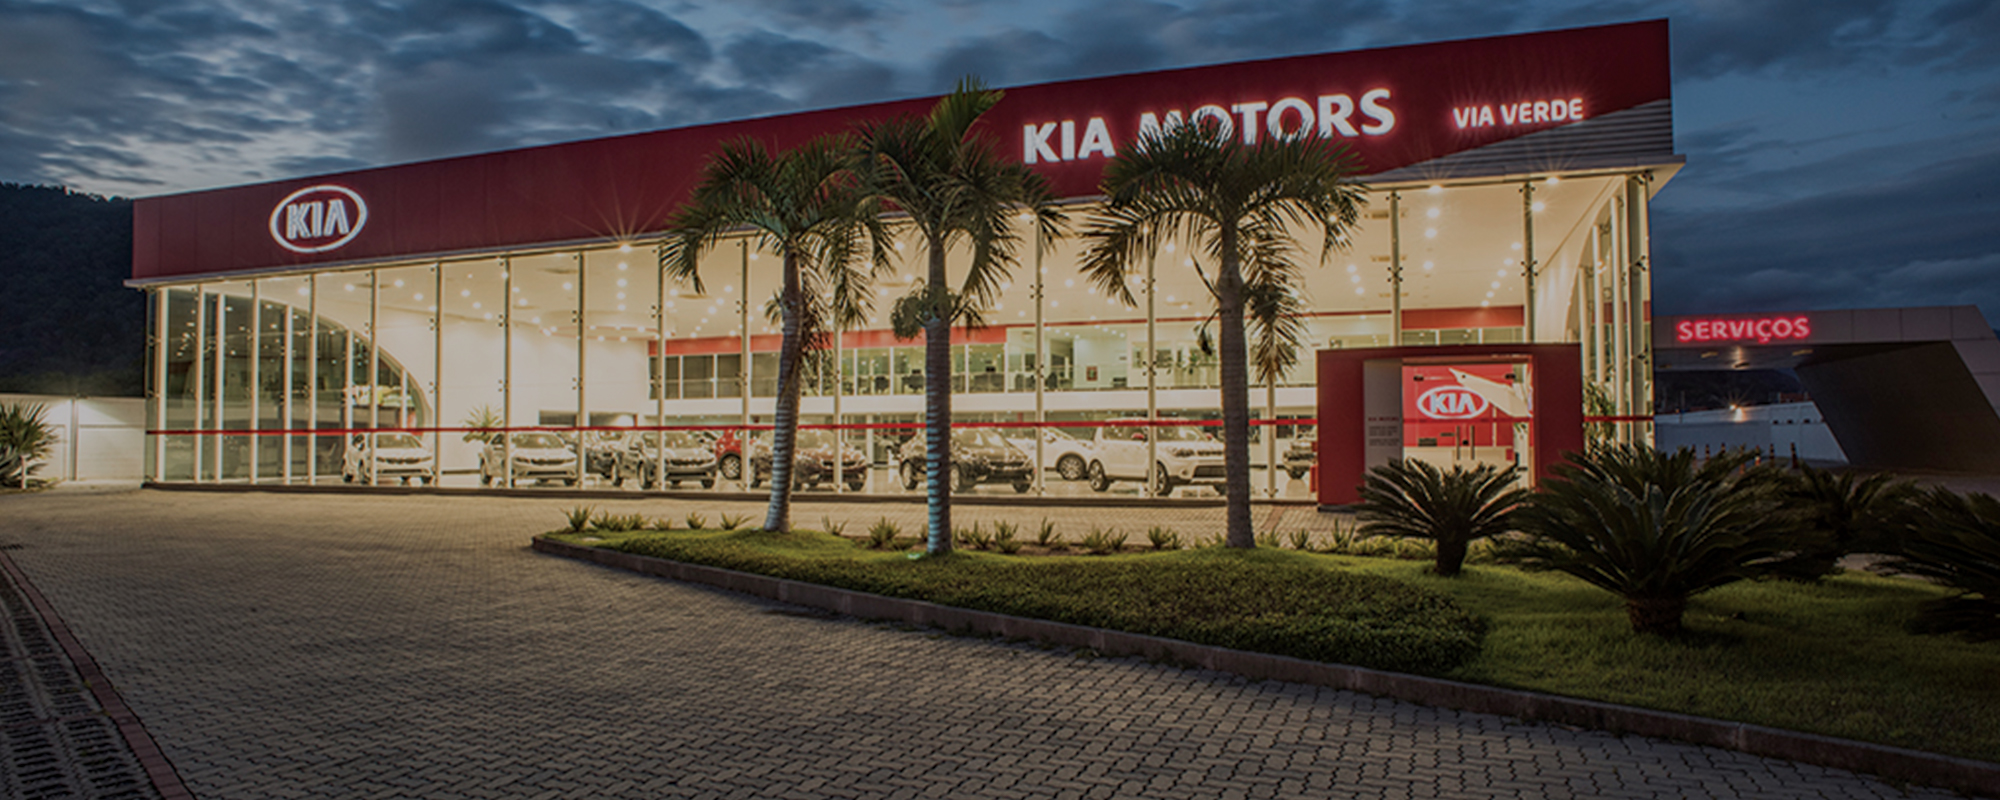 Construção concessionaria kia fachada pele de vidro